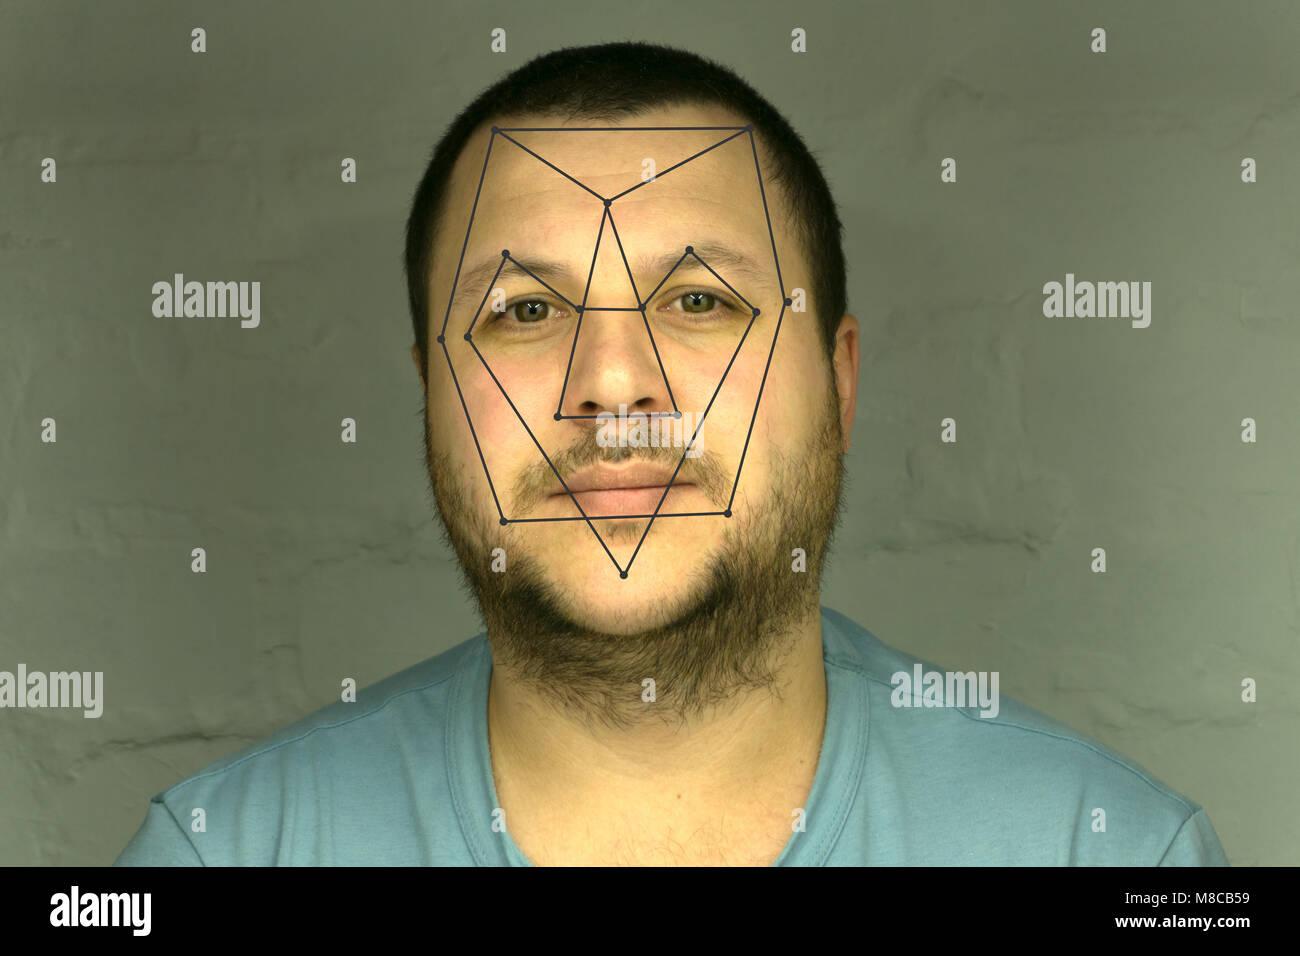 La vérification biométrique de reconnaissance faciale - jeune homme ... 81b8345aa82